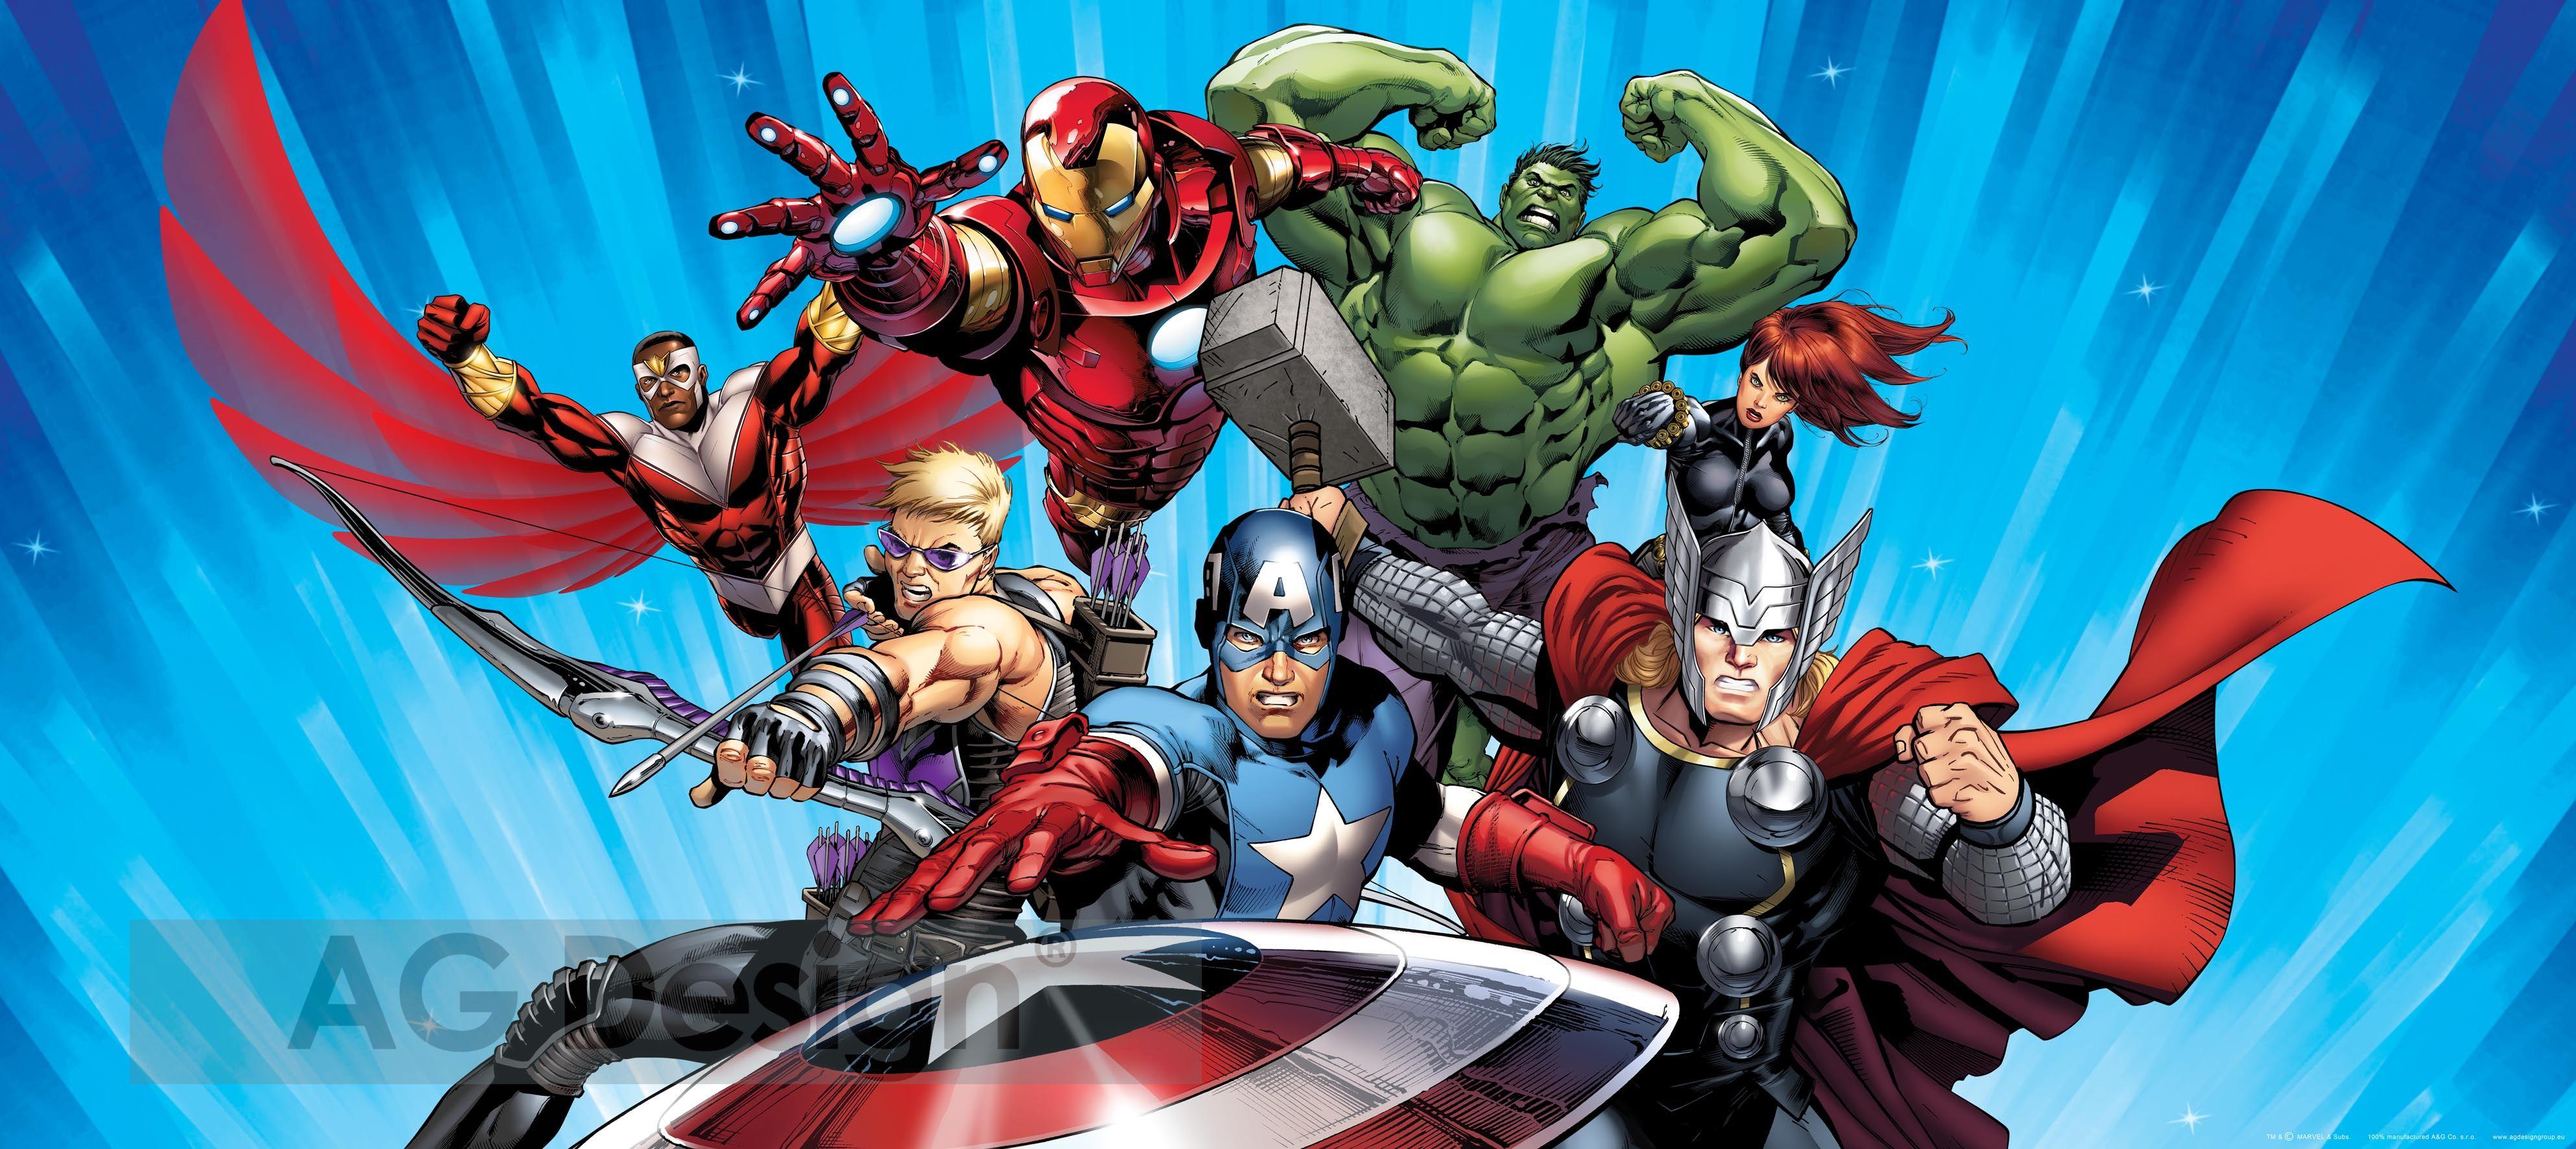 Dětská fototapeta Avengers 2 FTDH0630 (1-dílná papírová tapeta)